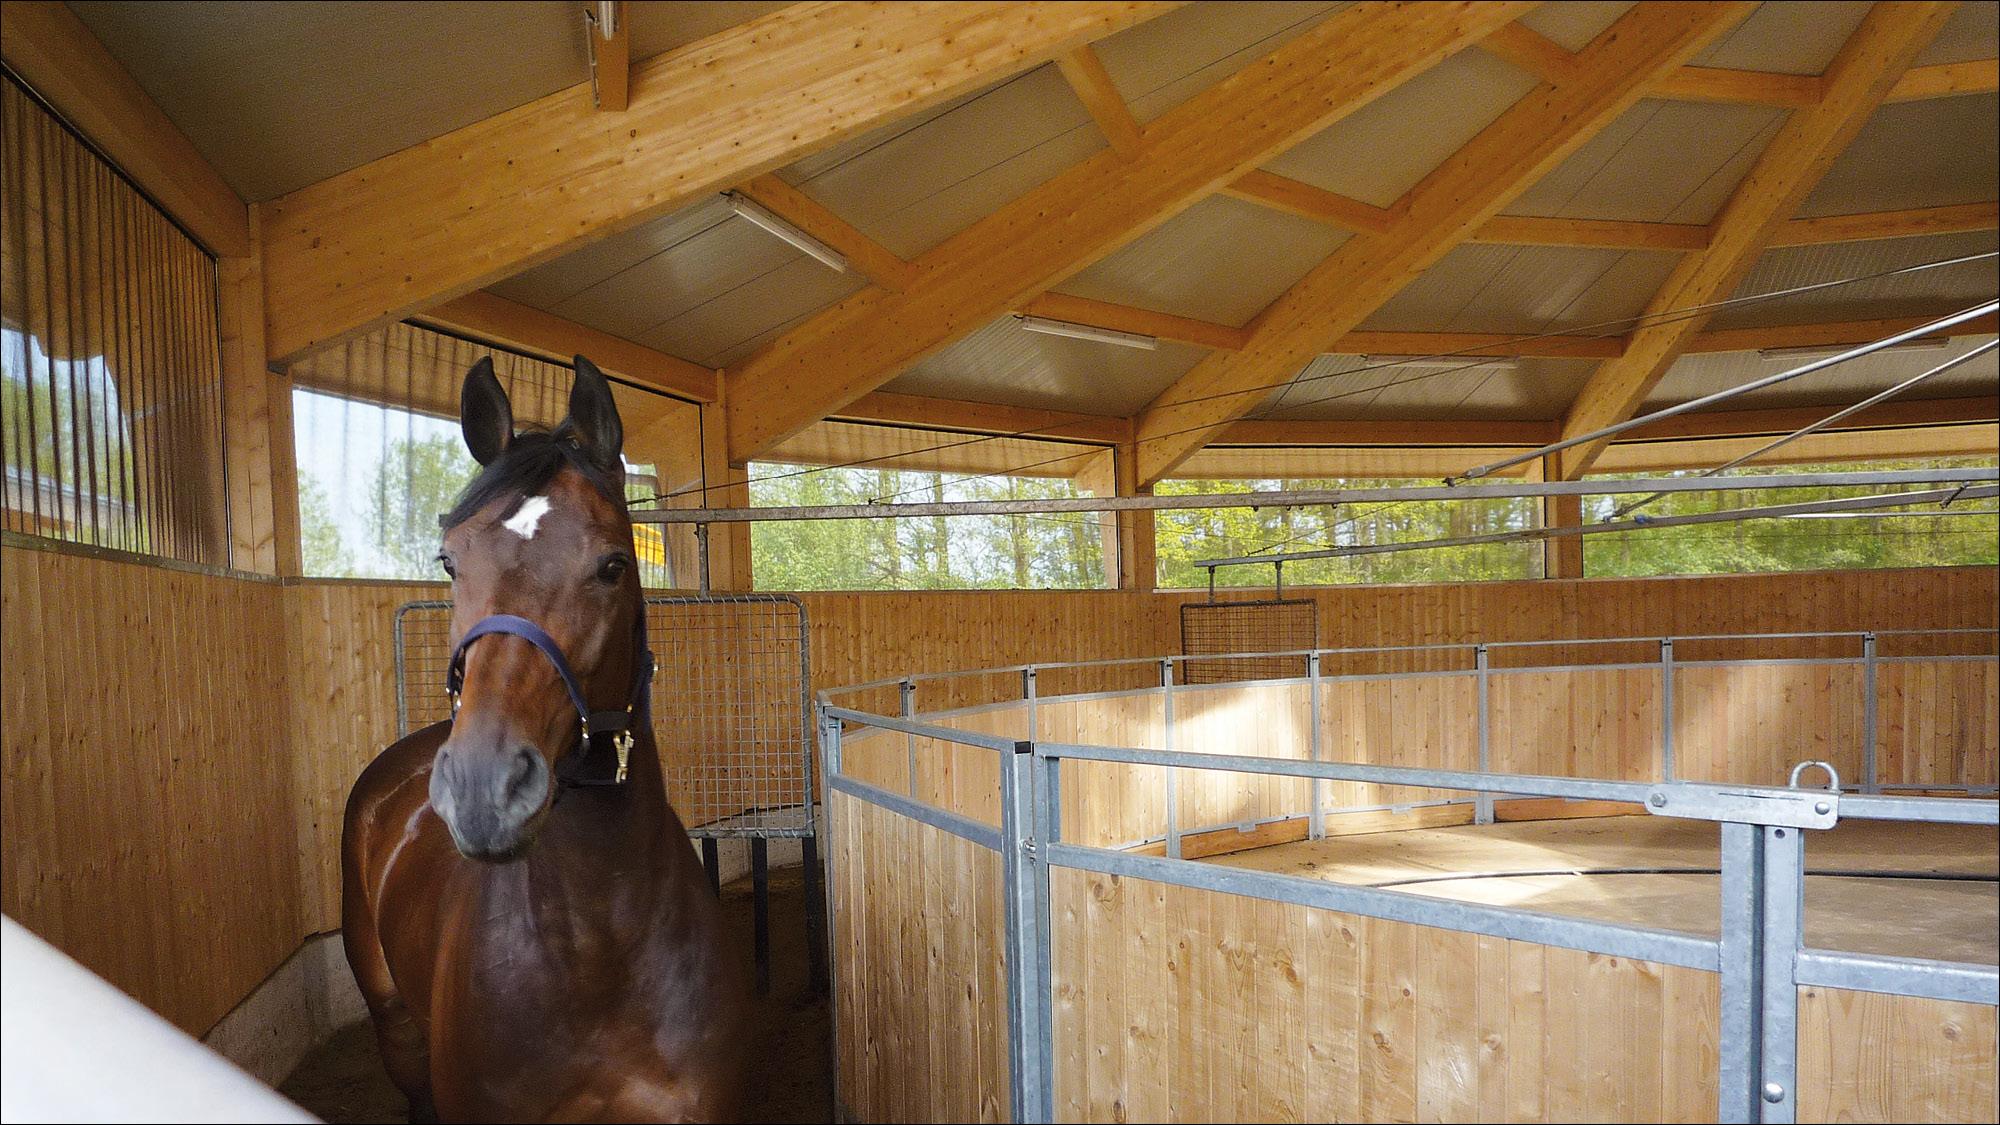 oosterbrook-niederlande-reitanlagenbau-fuegranlage-2011-13